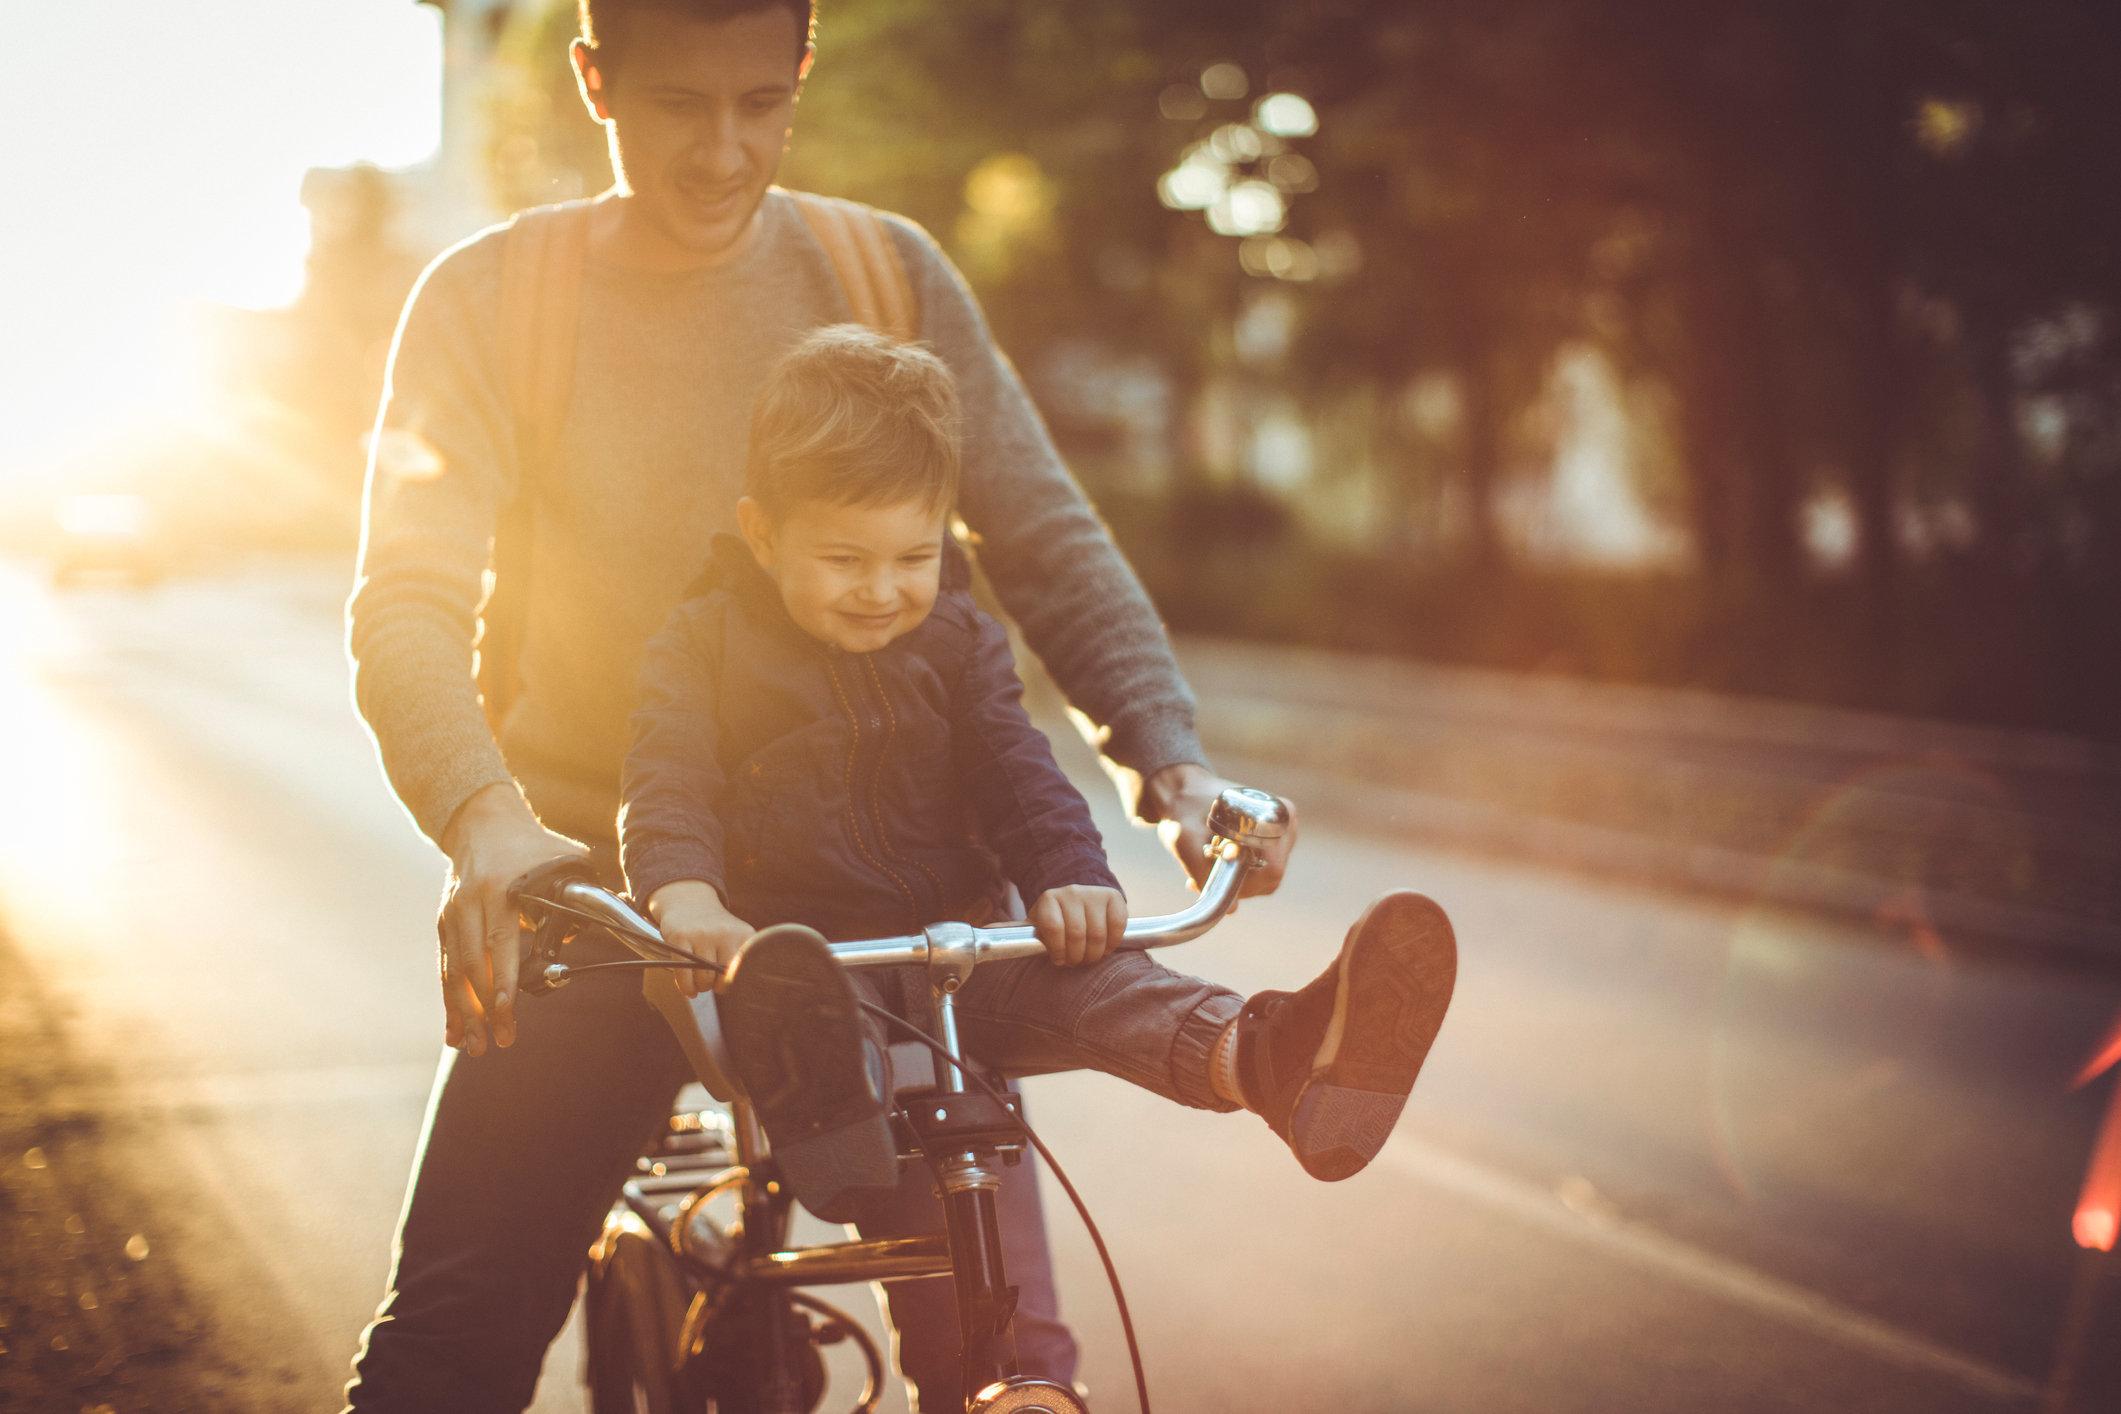 Ein ganzes Land hat sich verändert, weil Eltern ihre Kinder heute anders